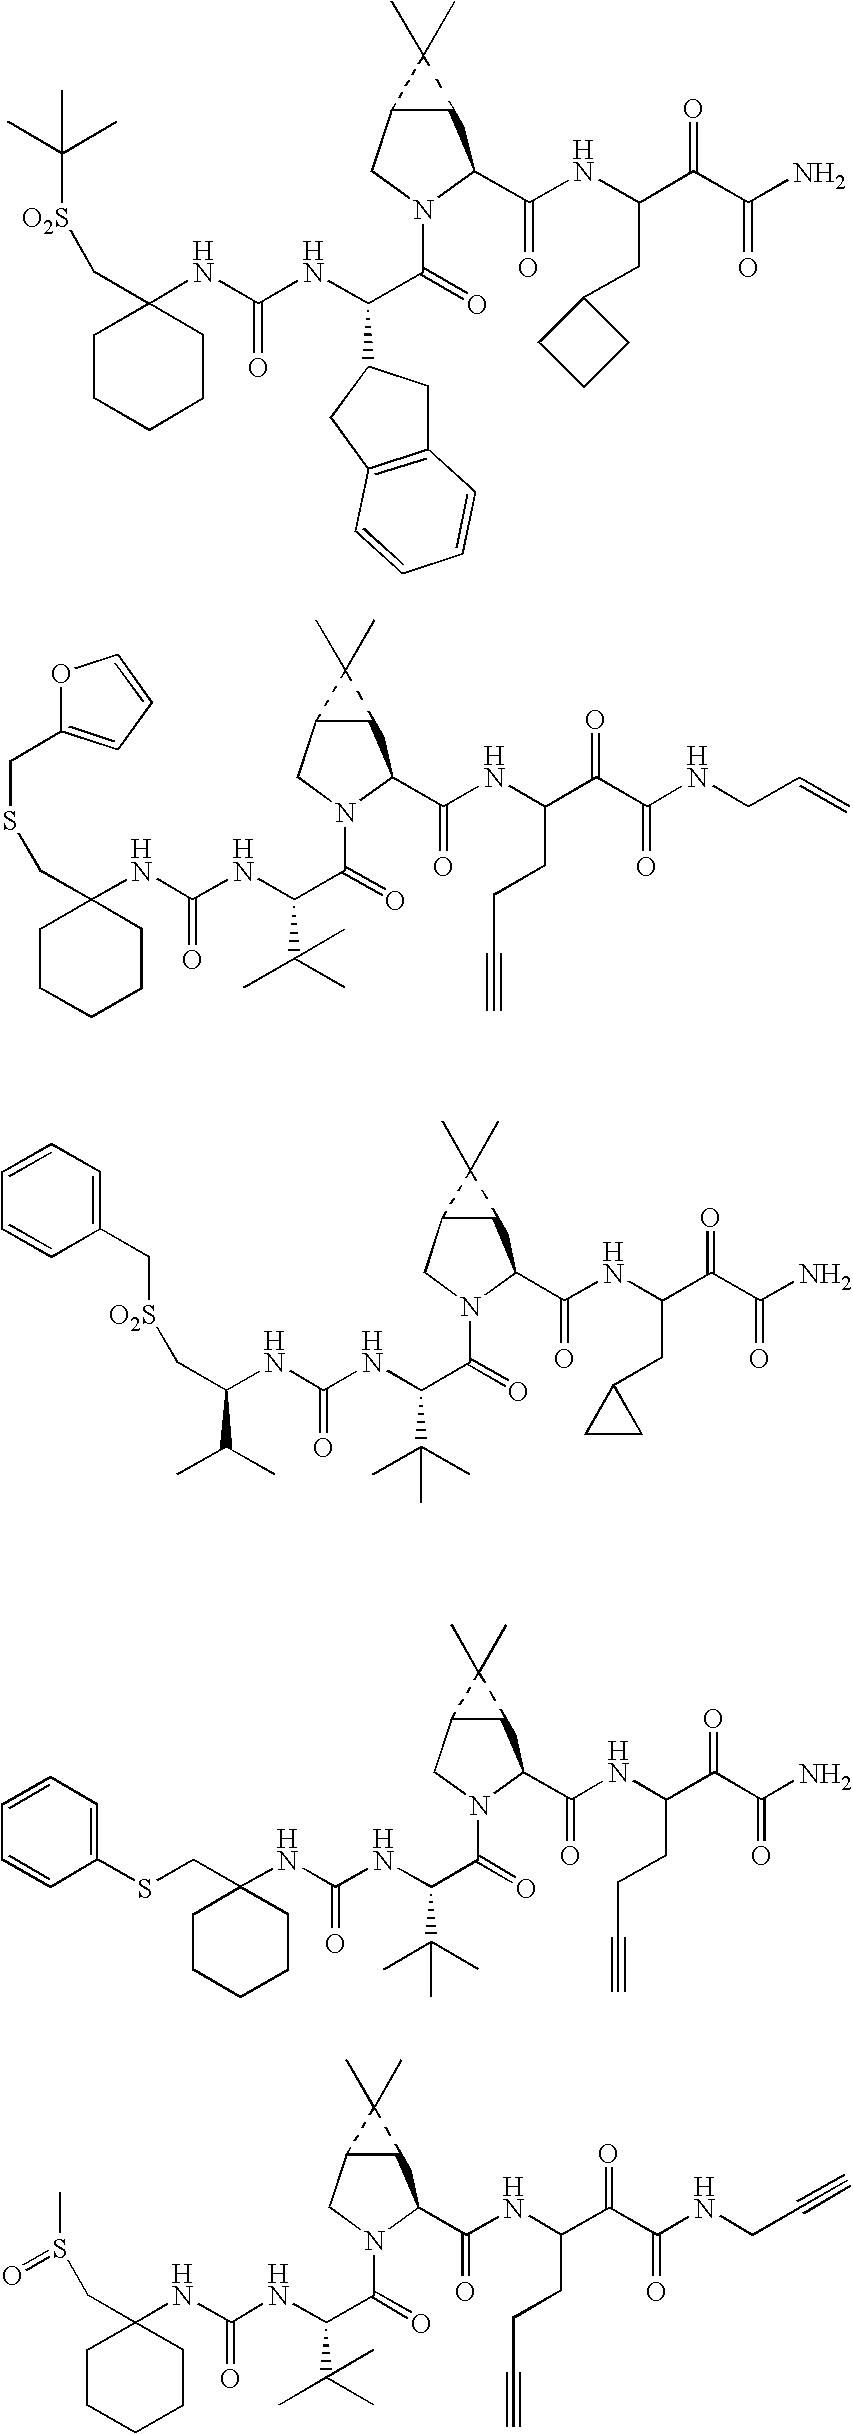 Figure US20060287248A1-20061221-C00441